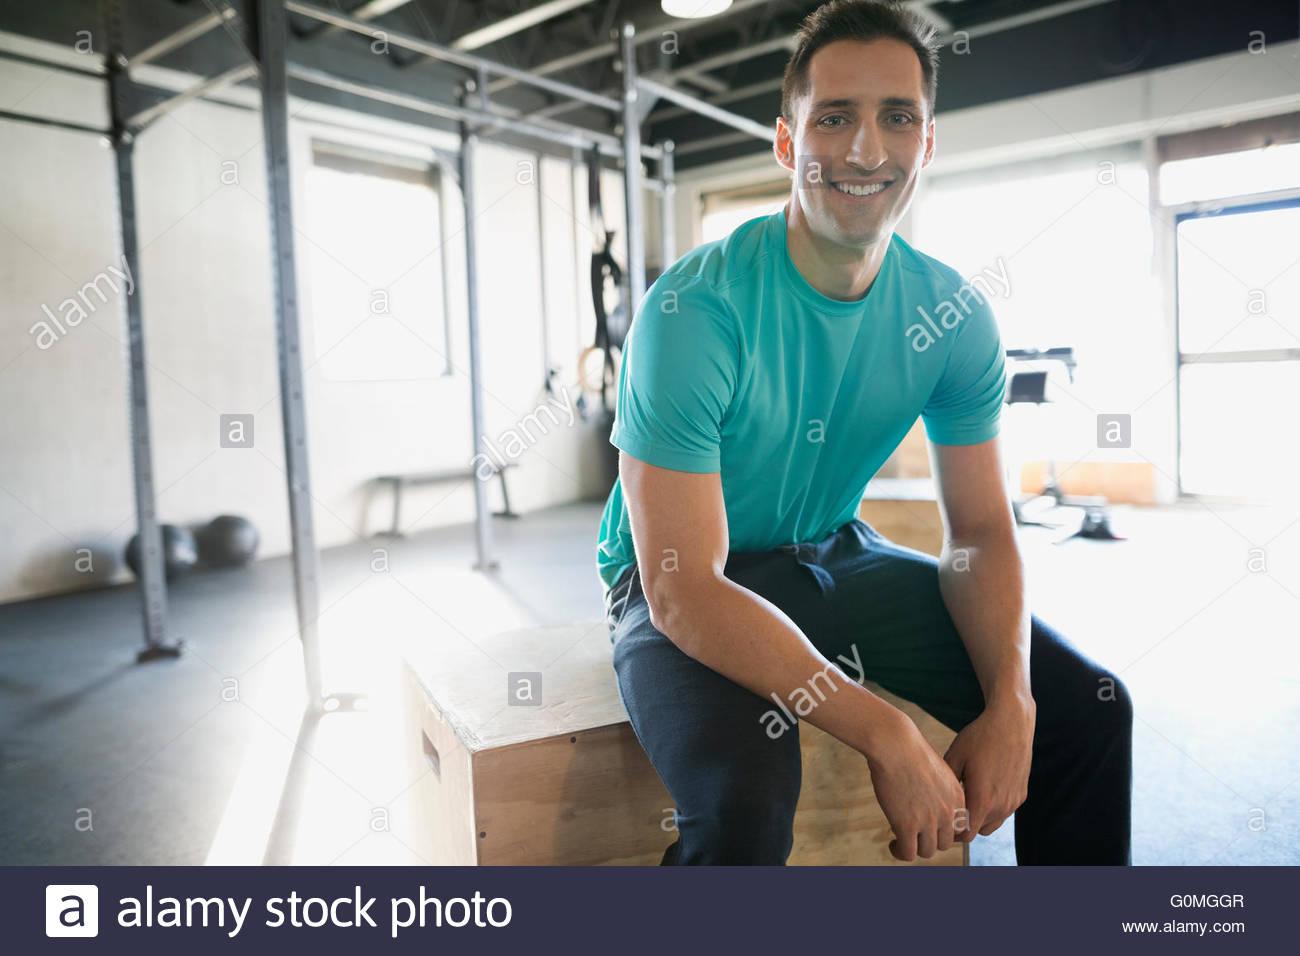 Ritratto uomo sorridente in appoggio alla palestra Immagini Stock